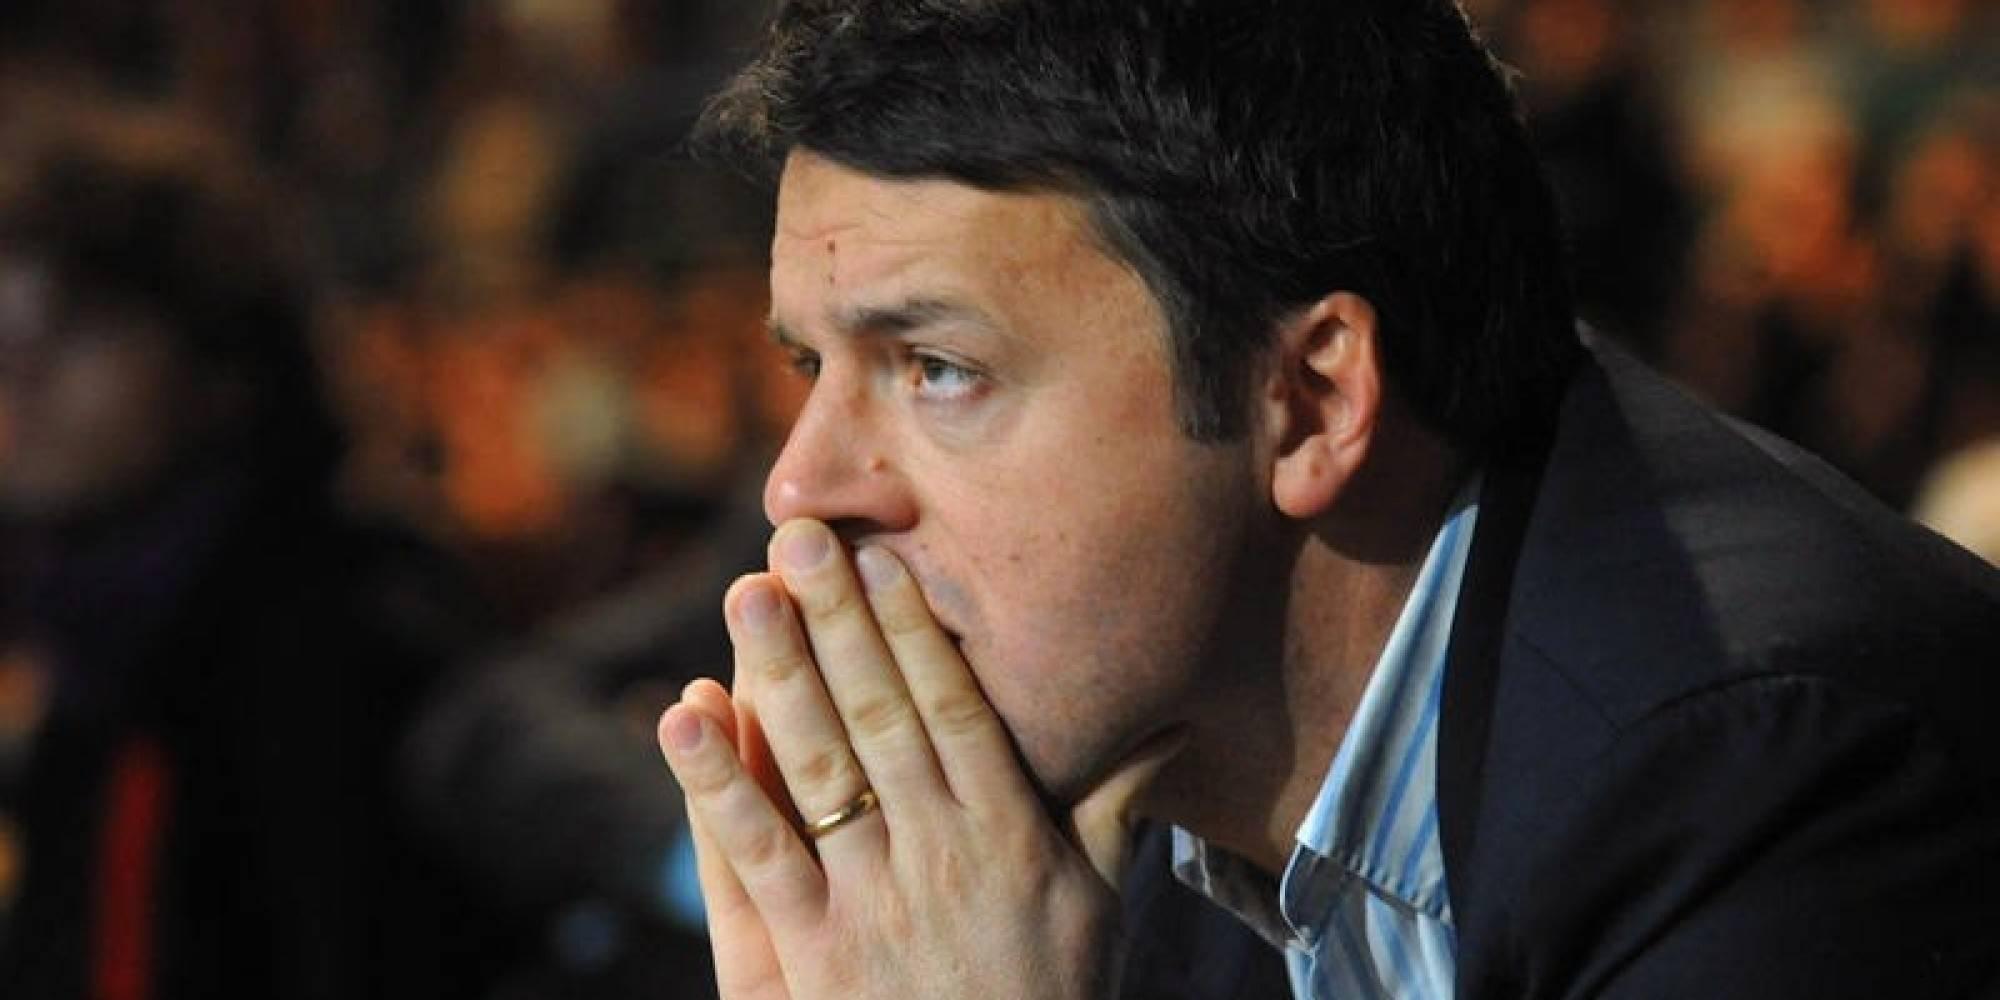 Tiziano Renzi e Laura Bovoli restano ai domiciliari